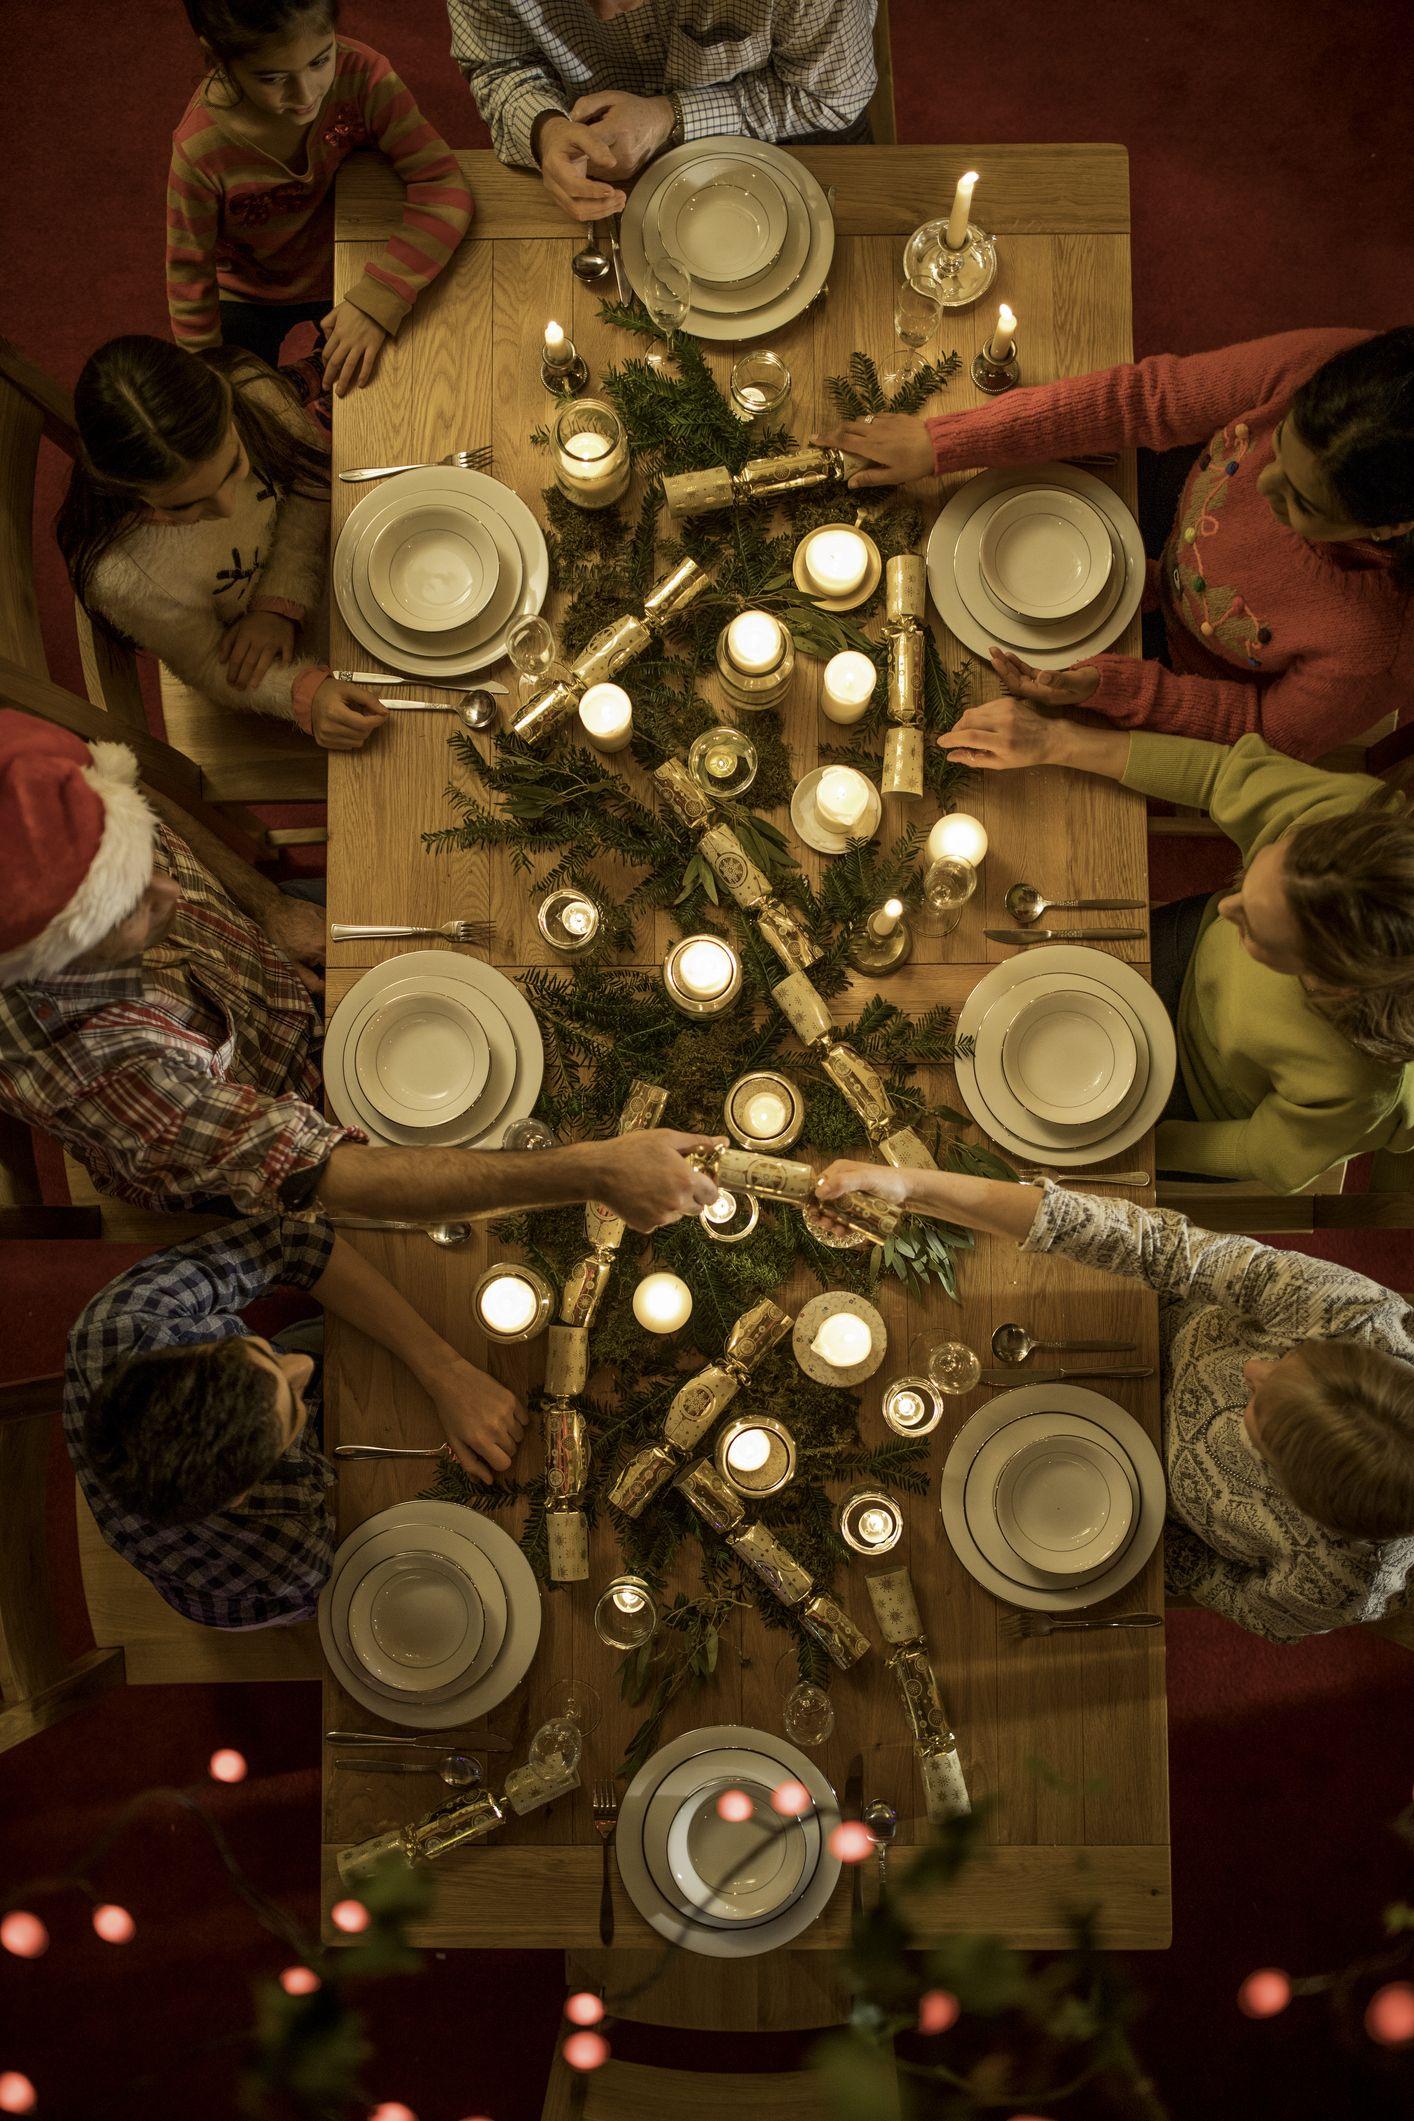 15 Best Christmas Dinner Prayers 2019 Prayers For Families At Christmas Dinner